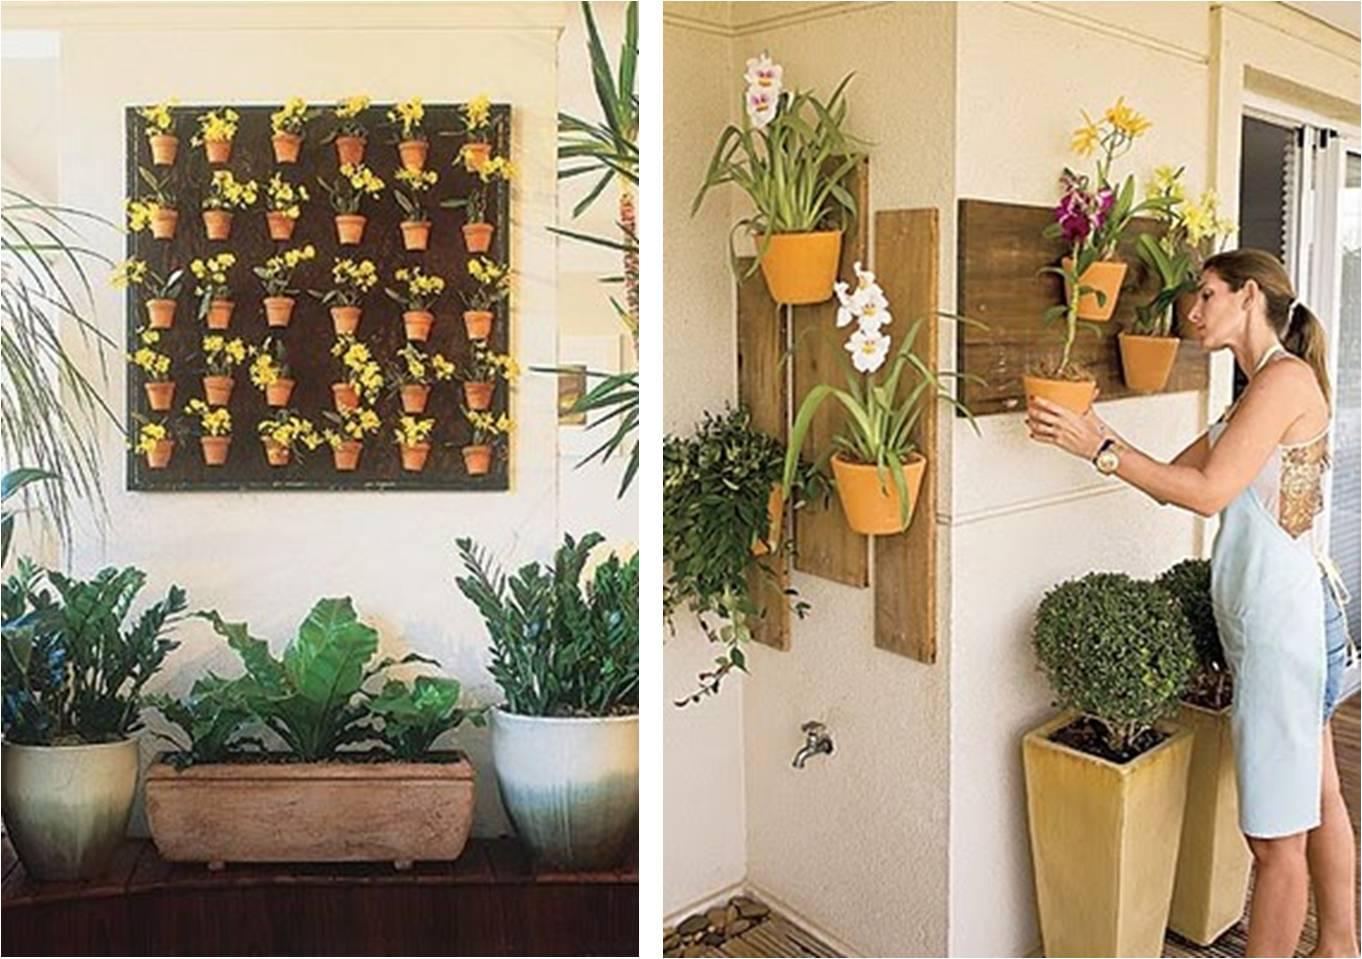 AP PONTO – Apartamento 2 quartos minha casa minha vida imóvel na #9C6A2F 1362x959